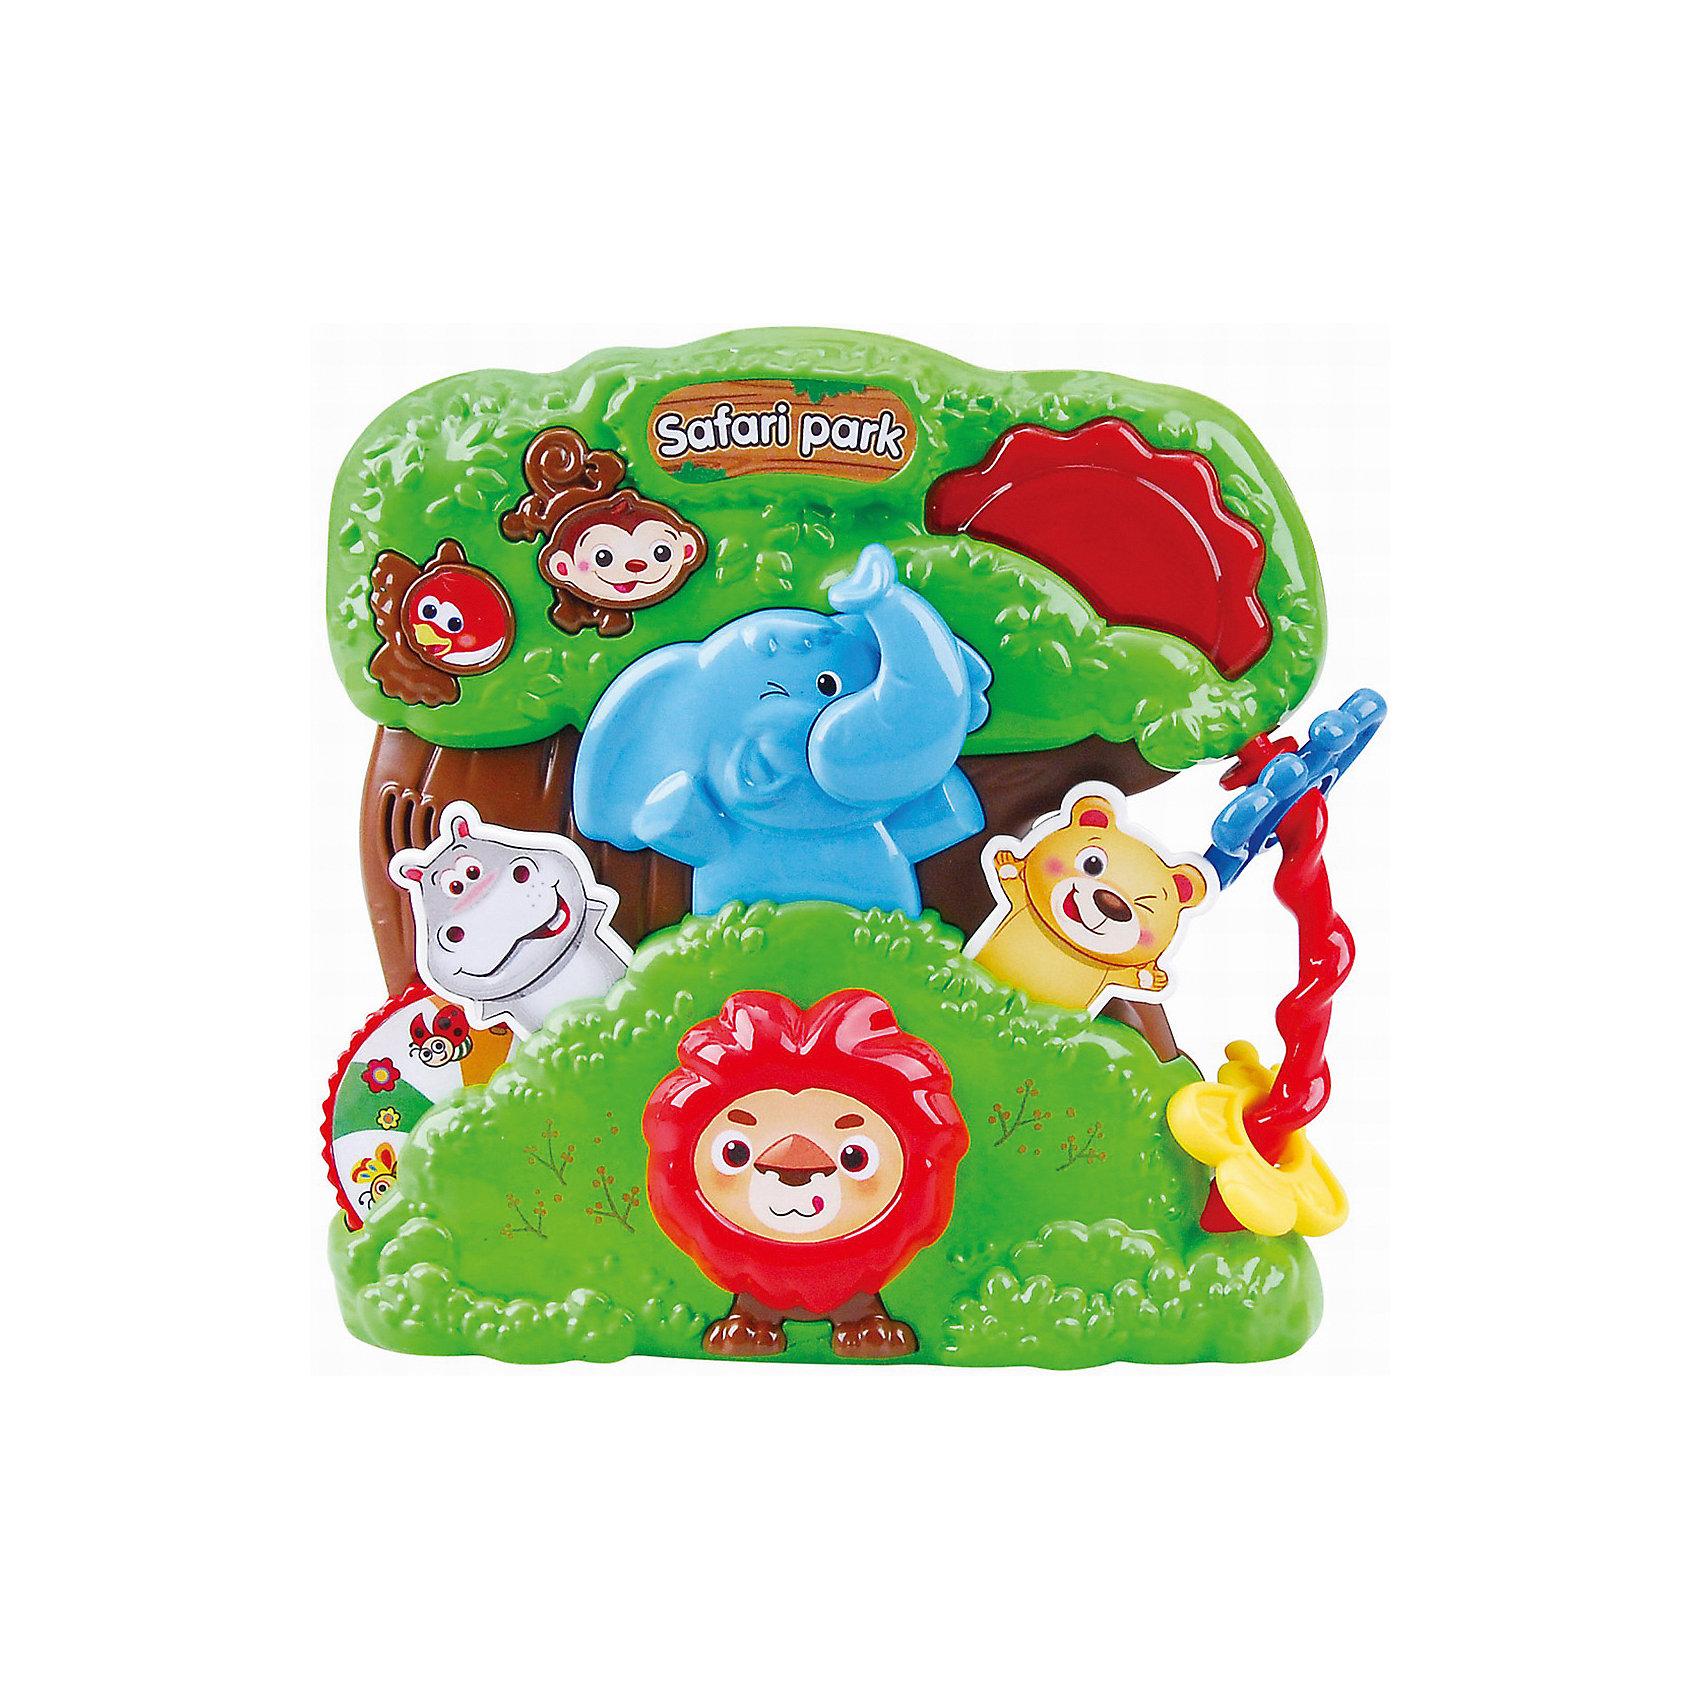 Развивающая игрушка Сафари парк, PlaygoРазвивающая игрушка Сафари парк, Playgo<br><br>Характеристики:<br>- Материал: пластик<br>- В комплект входит: игрушка, батарейки 2шт. <br>- Элементы питания: батарейки АА<br>- Размер упаковки: 22 * 5 * 20 см.<br>- Вес: 430 гр.<br>Парк Сафари от известного китайского бренда развивающих игрушек для детей Playgo (Плейго) станет прекрасным подарком для крохи. Львенок, бегемотик, медвежонок, слоненок и озорная обезьянка в зеленом тропическом парке рады провести время с малышом. Колесо фортуны бегемотика крутится и показывает насекомых парка, а нажимая на кнопочки можно узнать как говорят животные и послушать песенки. Кроме того, на пластиковой игрушке имеется крутящийся барабан и двигающиеся цветные колечки-цветочки. Изготовленная из качественного пластика, яркая игрушка поможет развить тактильные ощущения, звуковое восприятие, воображение, световое восприятие и моторику ручек. Небольшой размер позволит брать веселую игрушку на прогулку или в поездку.<br>Развивающую игрушку Сафари парк, Playgo (Плейго) можно купить в нашем интернет-магазине.<br>Подробнее:<br>• Для детей в возрасте: от 6 до 24 месяцев <br>• Номер товара: 5054054<br>Страна производитель: Китай<br><br>Ширина мм: 210<br>Глубина мм: 200<br>Высота мм: 55<br>Вес г: 430<br>Возраст от месяцев: 6<br>Возраст до месяцев: 24<br>Пол: Унисекс<br>Возраст: Детский<br>SKU: 5054054